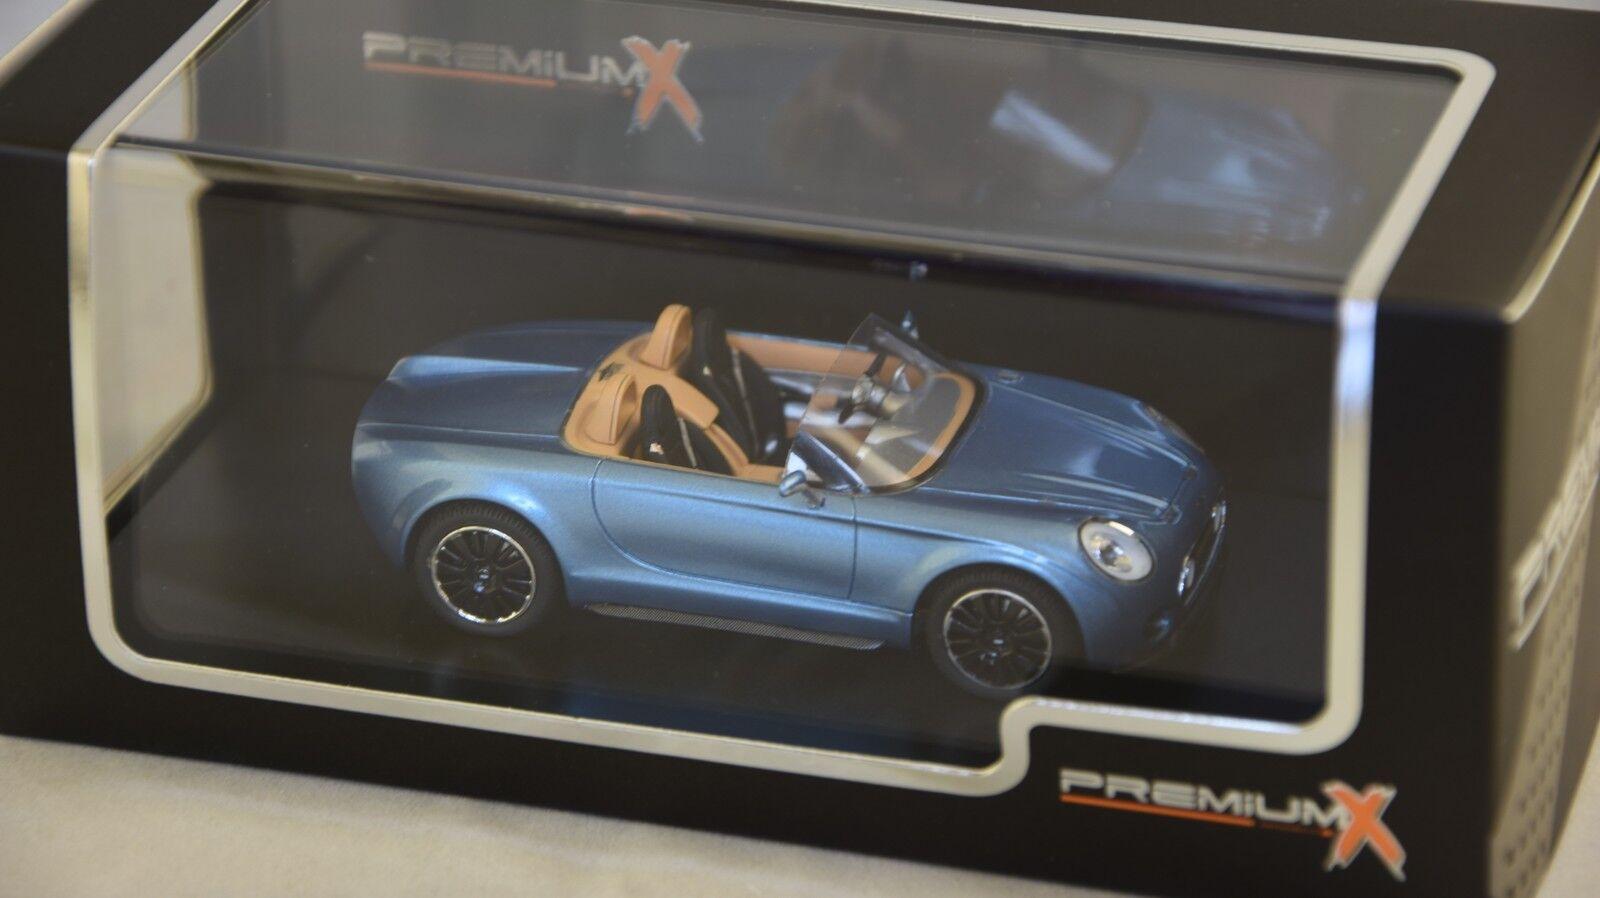 IXO Premium X PR.0480 - Mini Superleggera Vision Concept 2014 1/43 | Divers Les Types Et Les Styles  | Merveilleux  | D'adopter La Technologie De Pointe  | L'apparence élégante